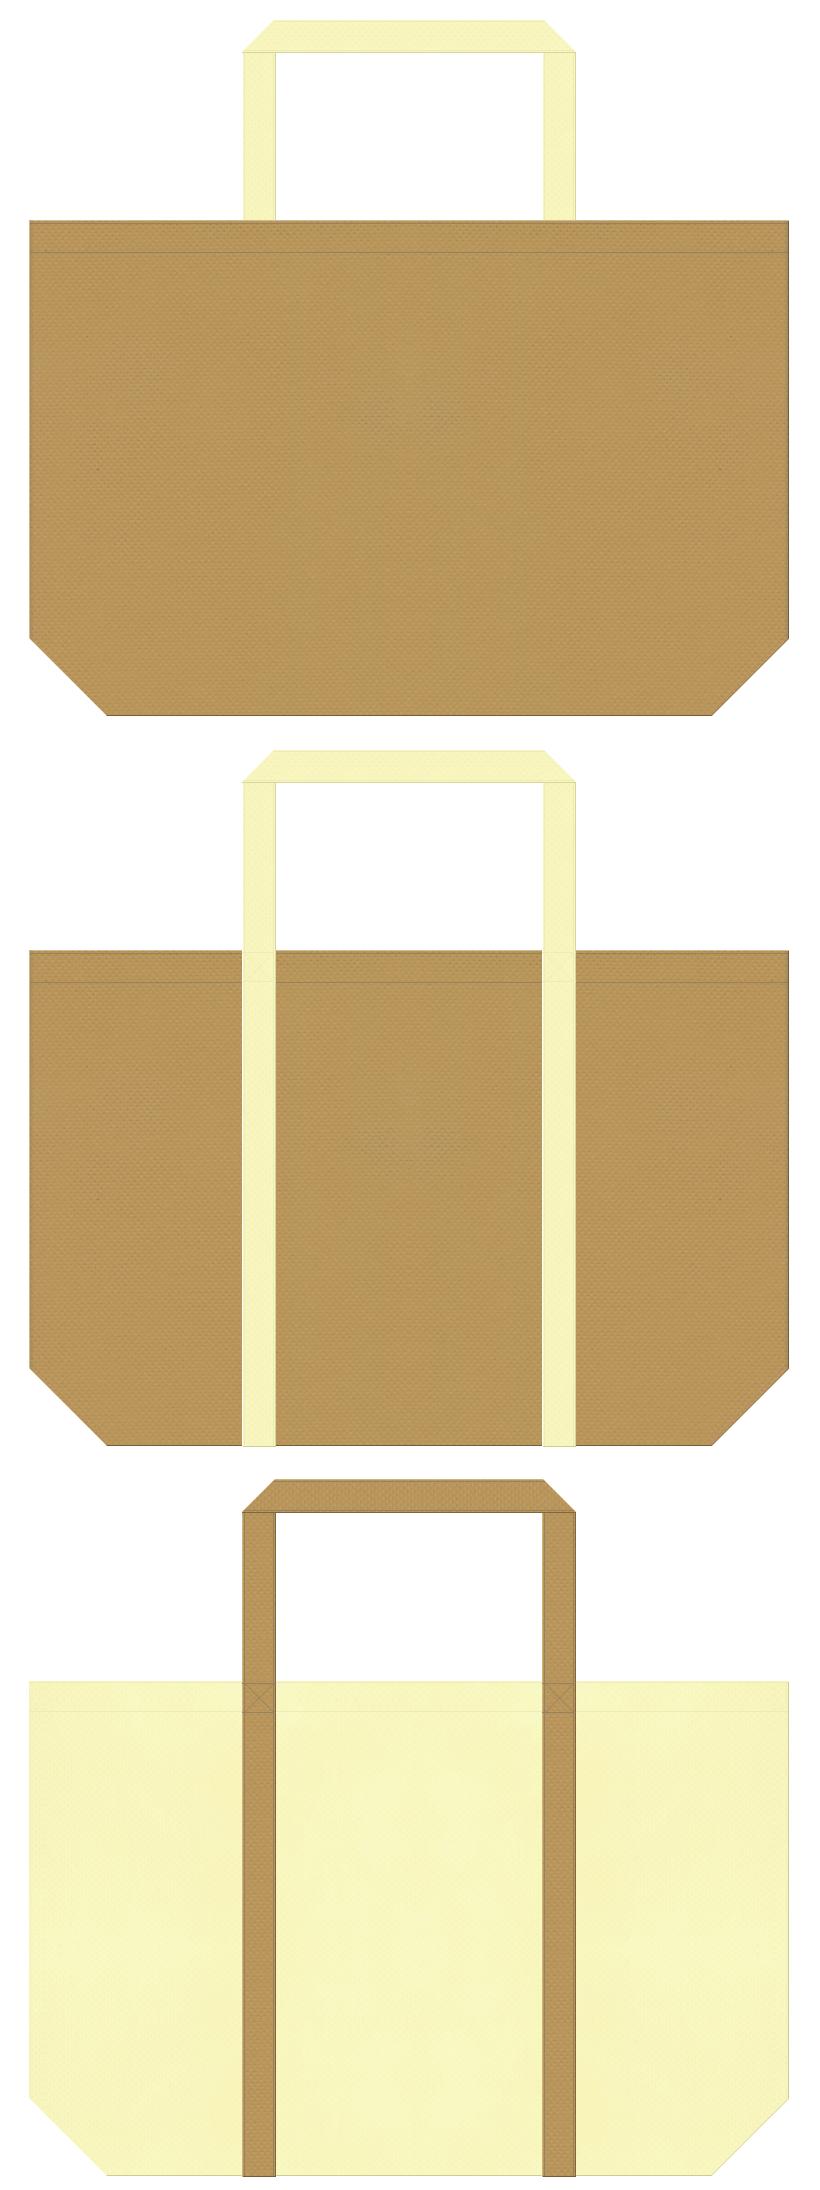 キウイフルーツ・コーヒーロール・ベーカリー・スイーツ・和菓子のショッピングバッグにお奨めの不織布バッグデザイン:マスタード色と薄黄色のコーデ